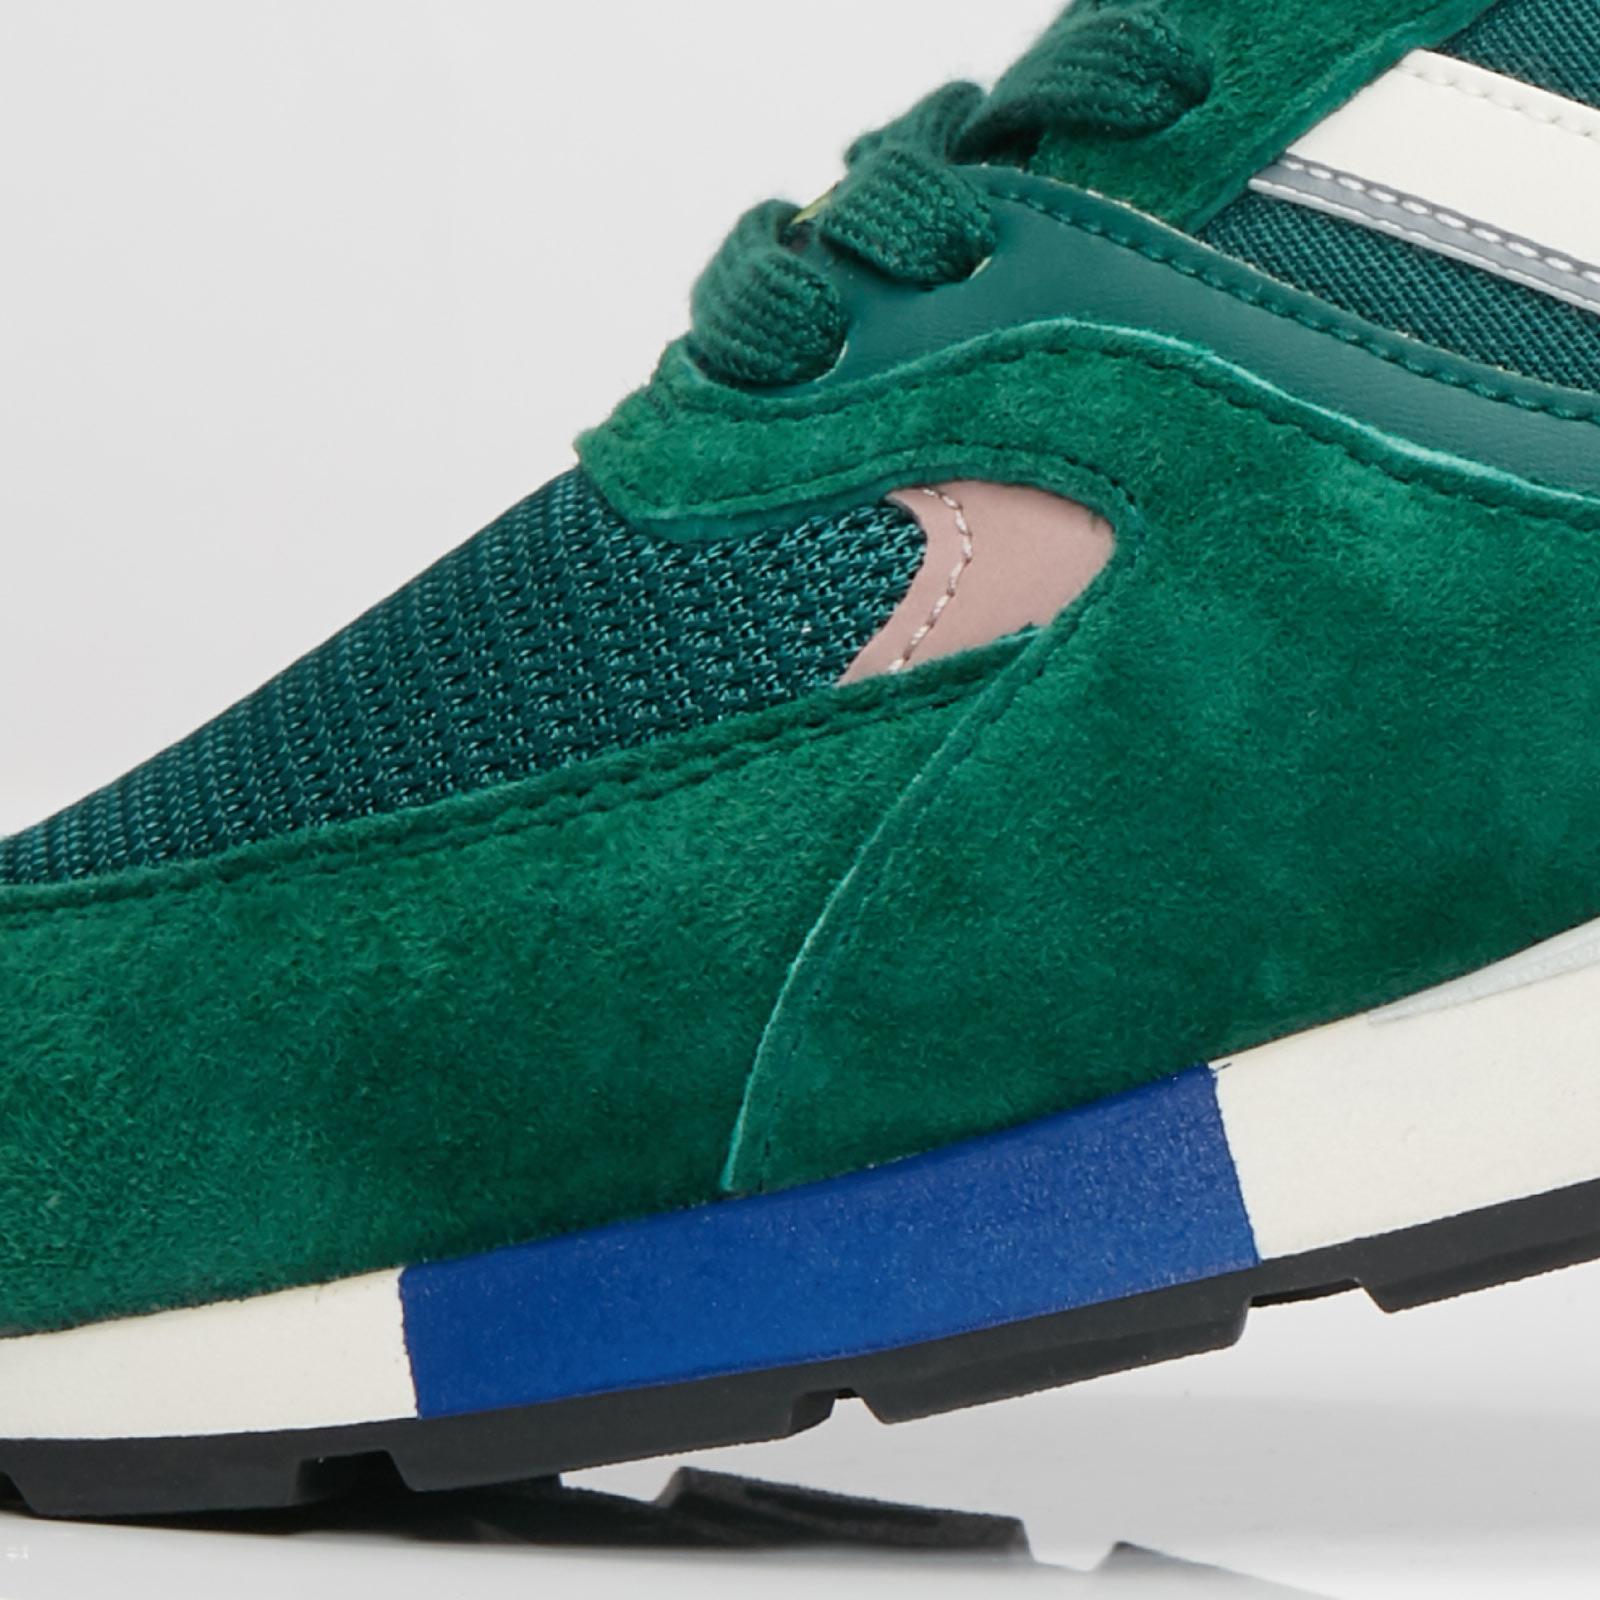 Adidas quesence b37851 scarpe da ginnasticanstuff scarpe & streetwear